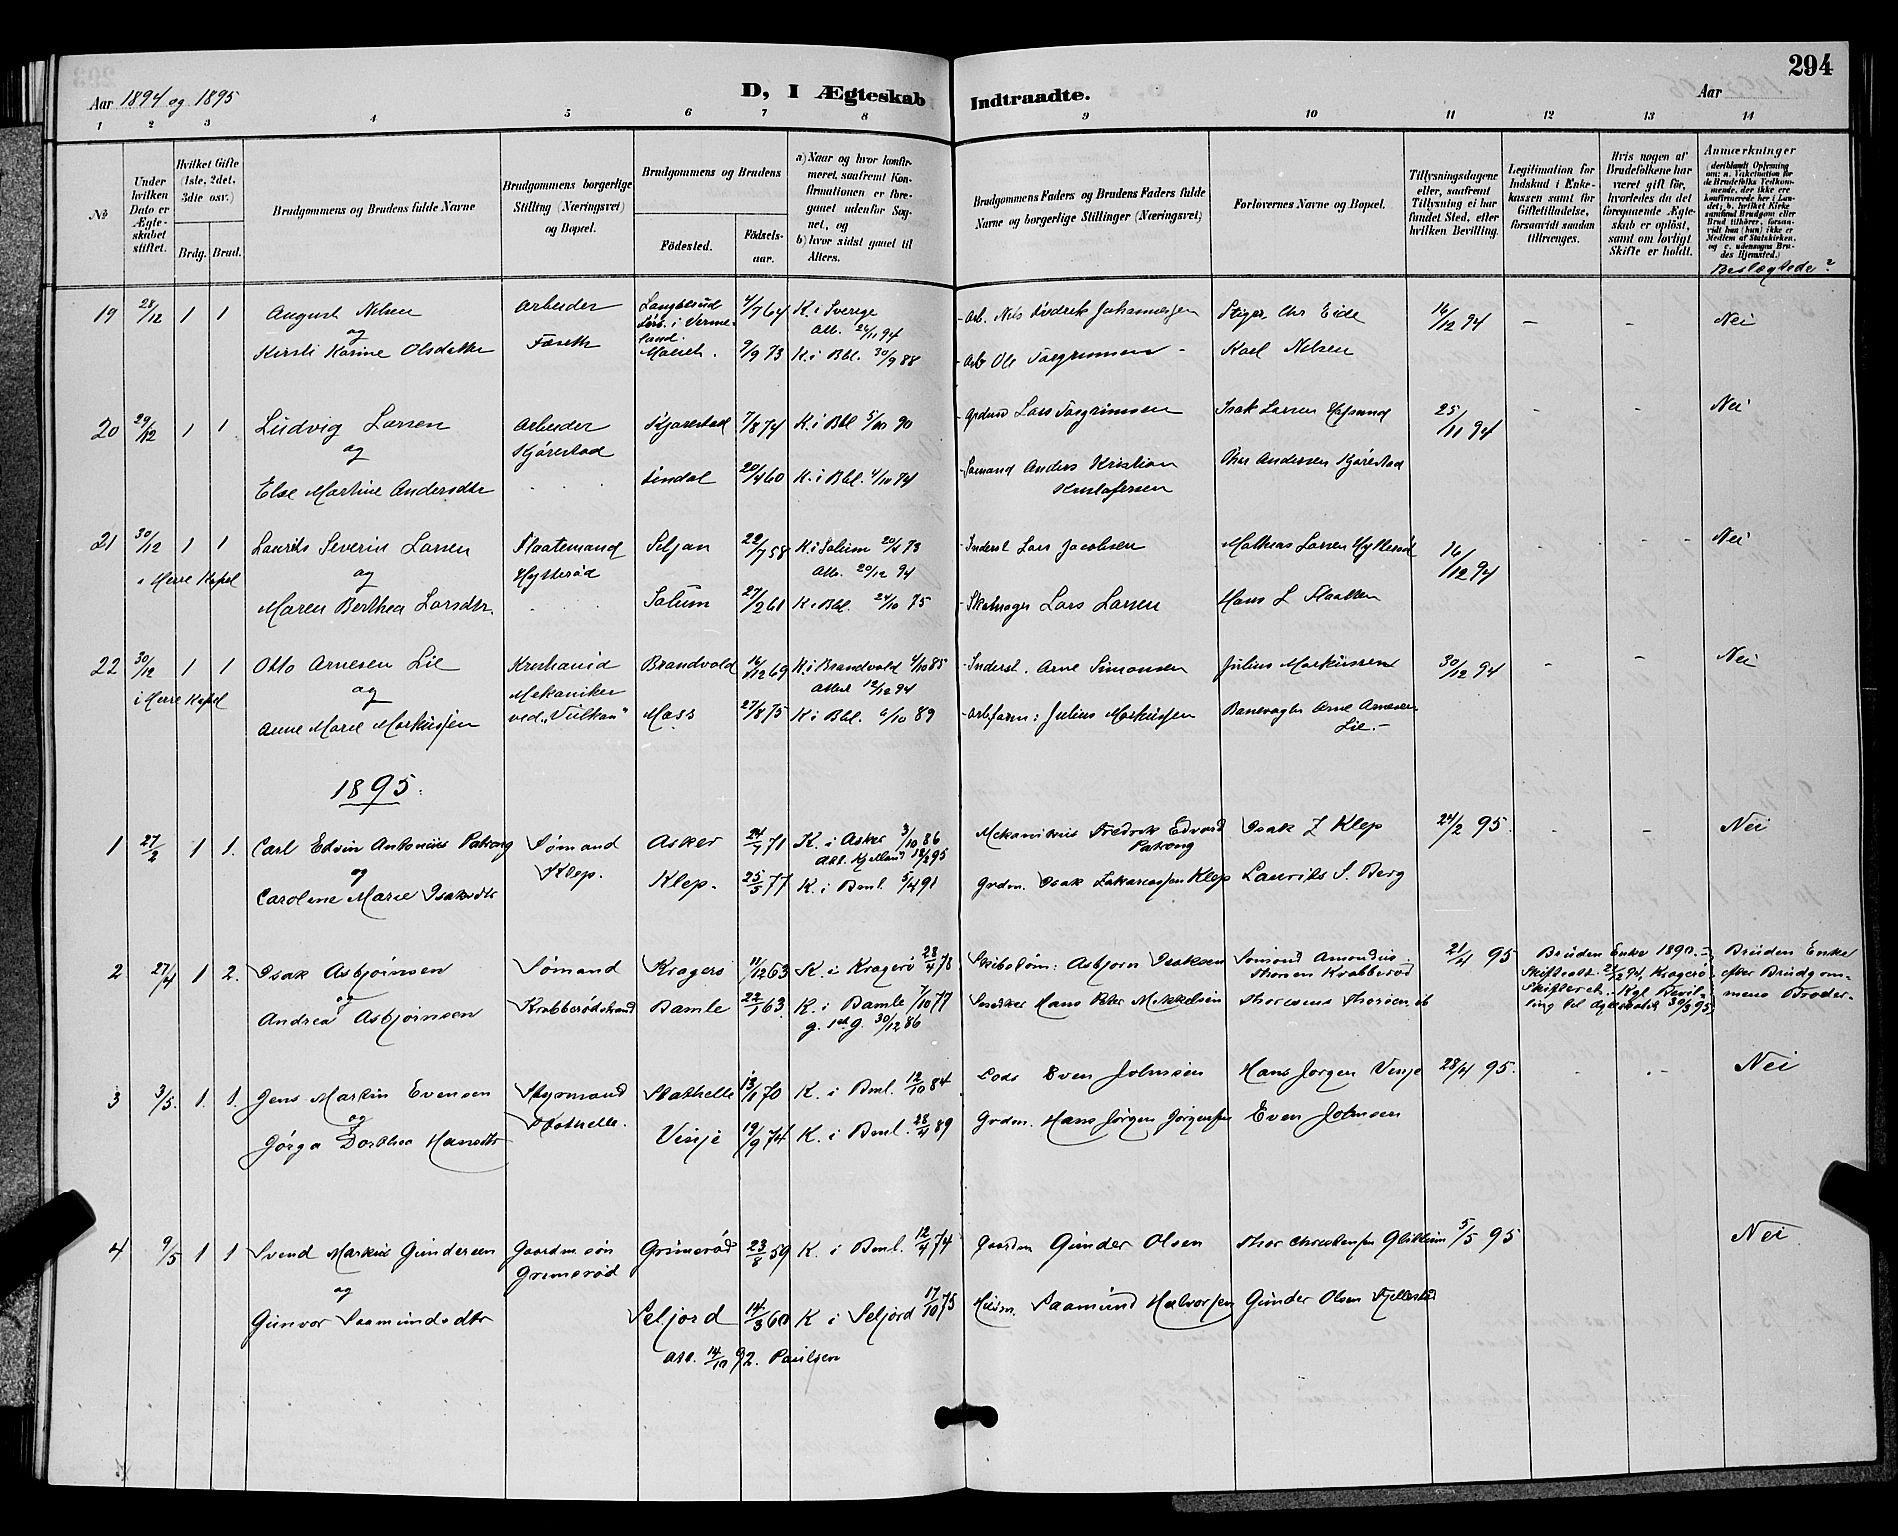 SAKO, Bamble kirkebøker, G/Ga/L0009: Klokkerbok nr. I 9, 1888-1900, s. 294